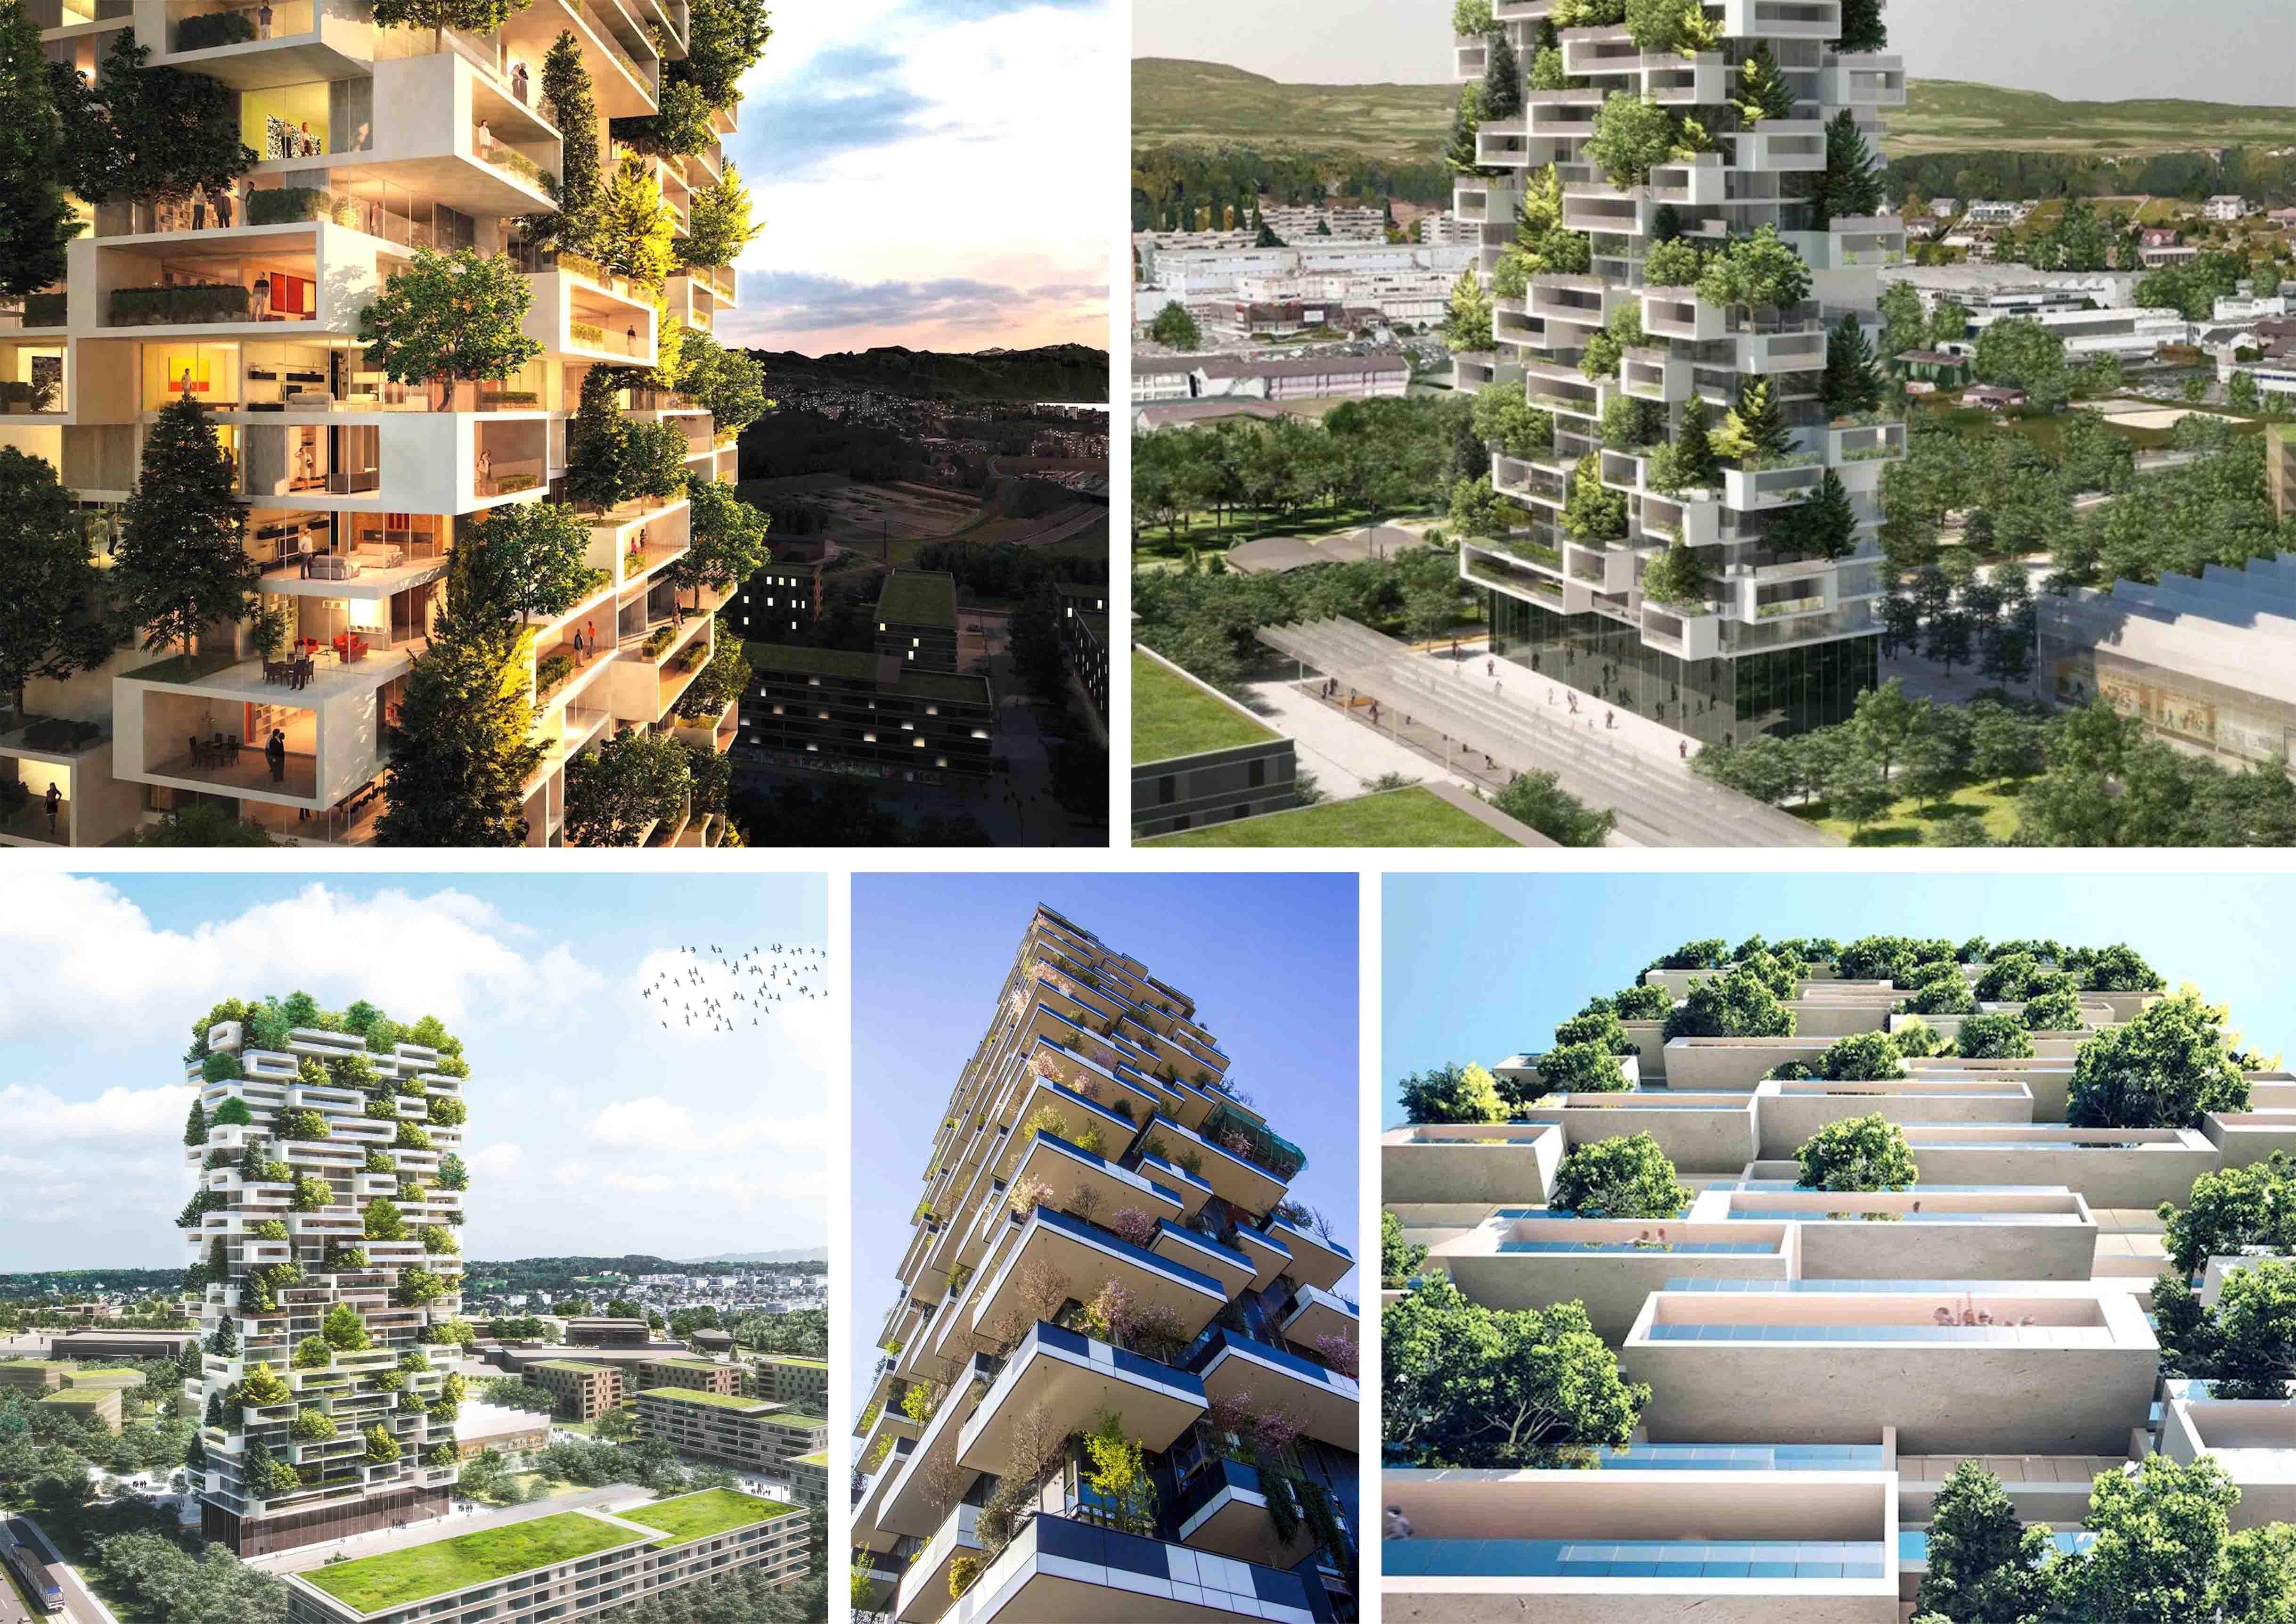 Stefano boeri progetto per il nuovo bosco verticale a for Bosco verticale architetto